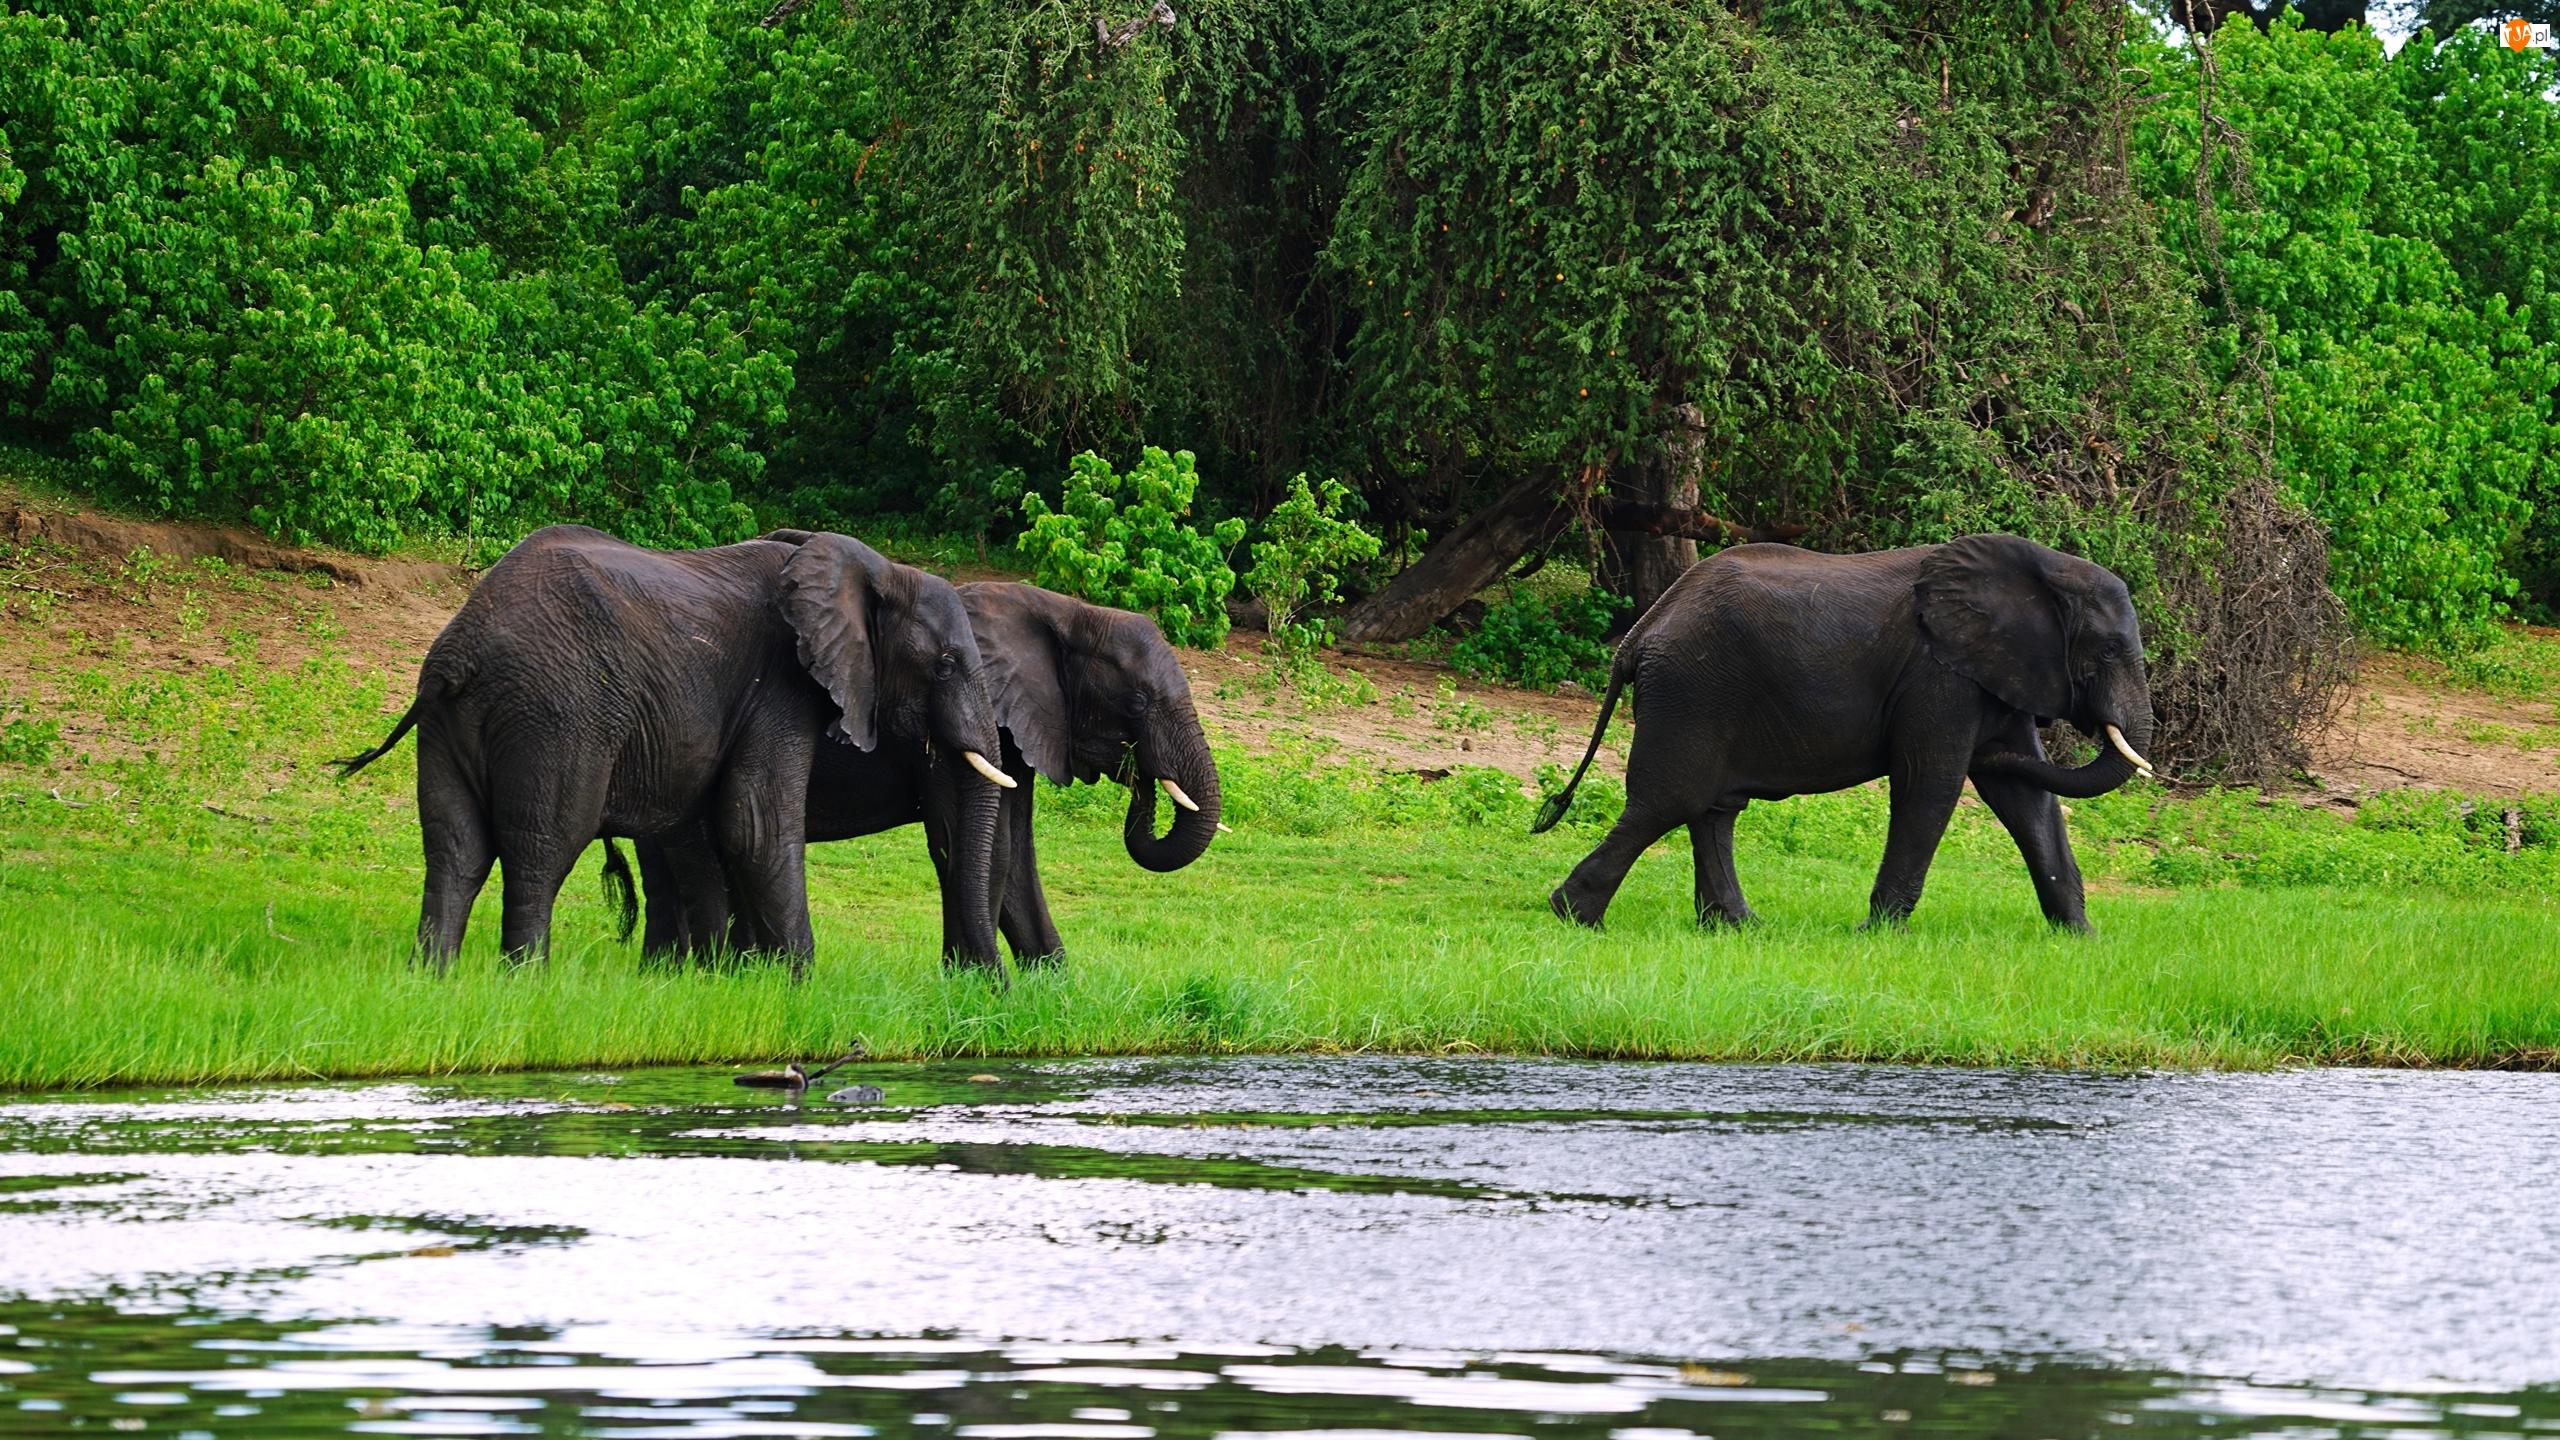 Drzewa, Słonie, Rzeka, Las